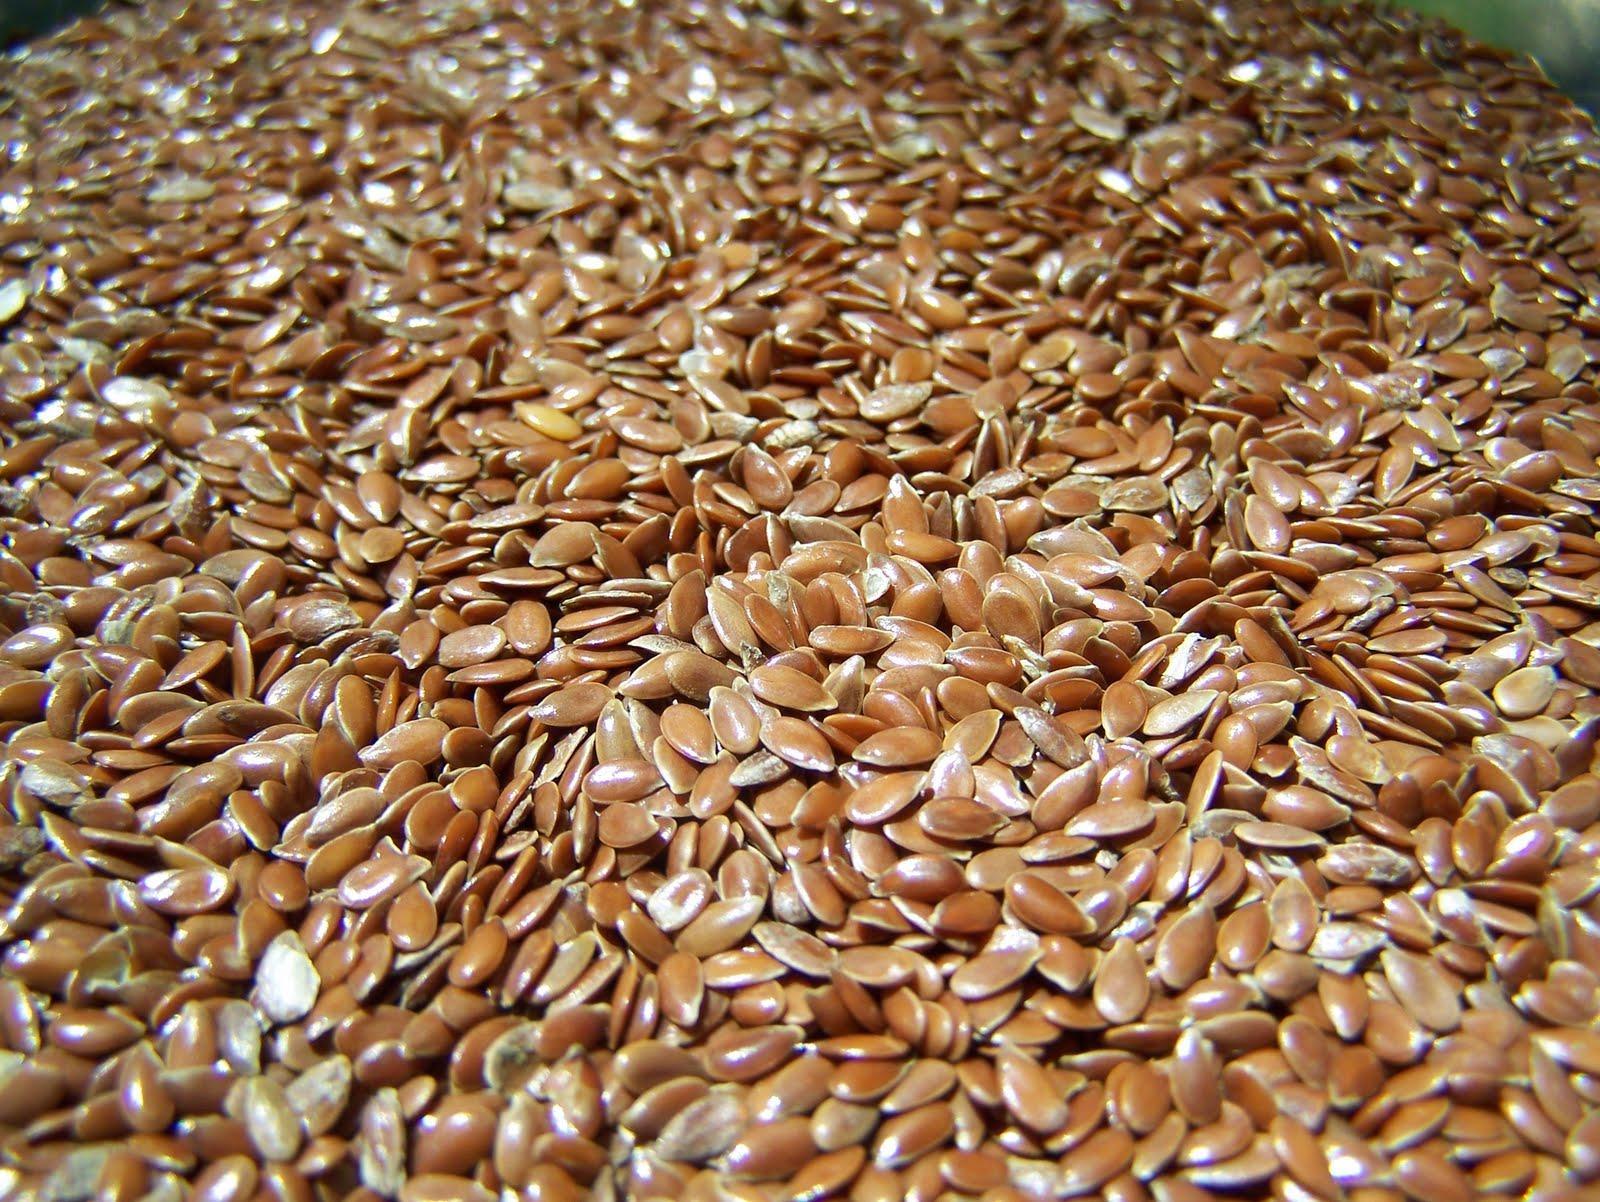 смешать как добываются семена льна фото прядь виска заплести